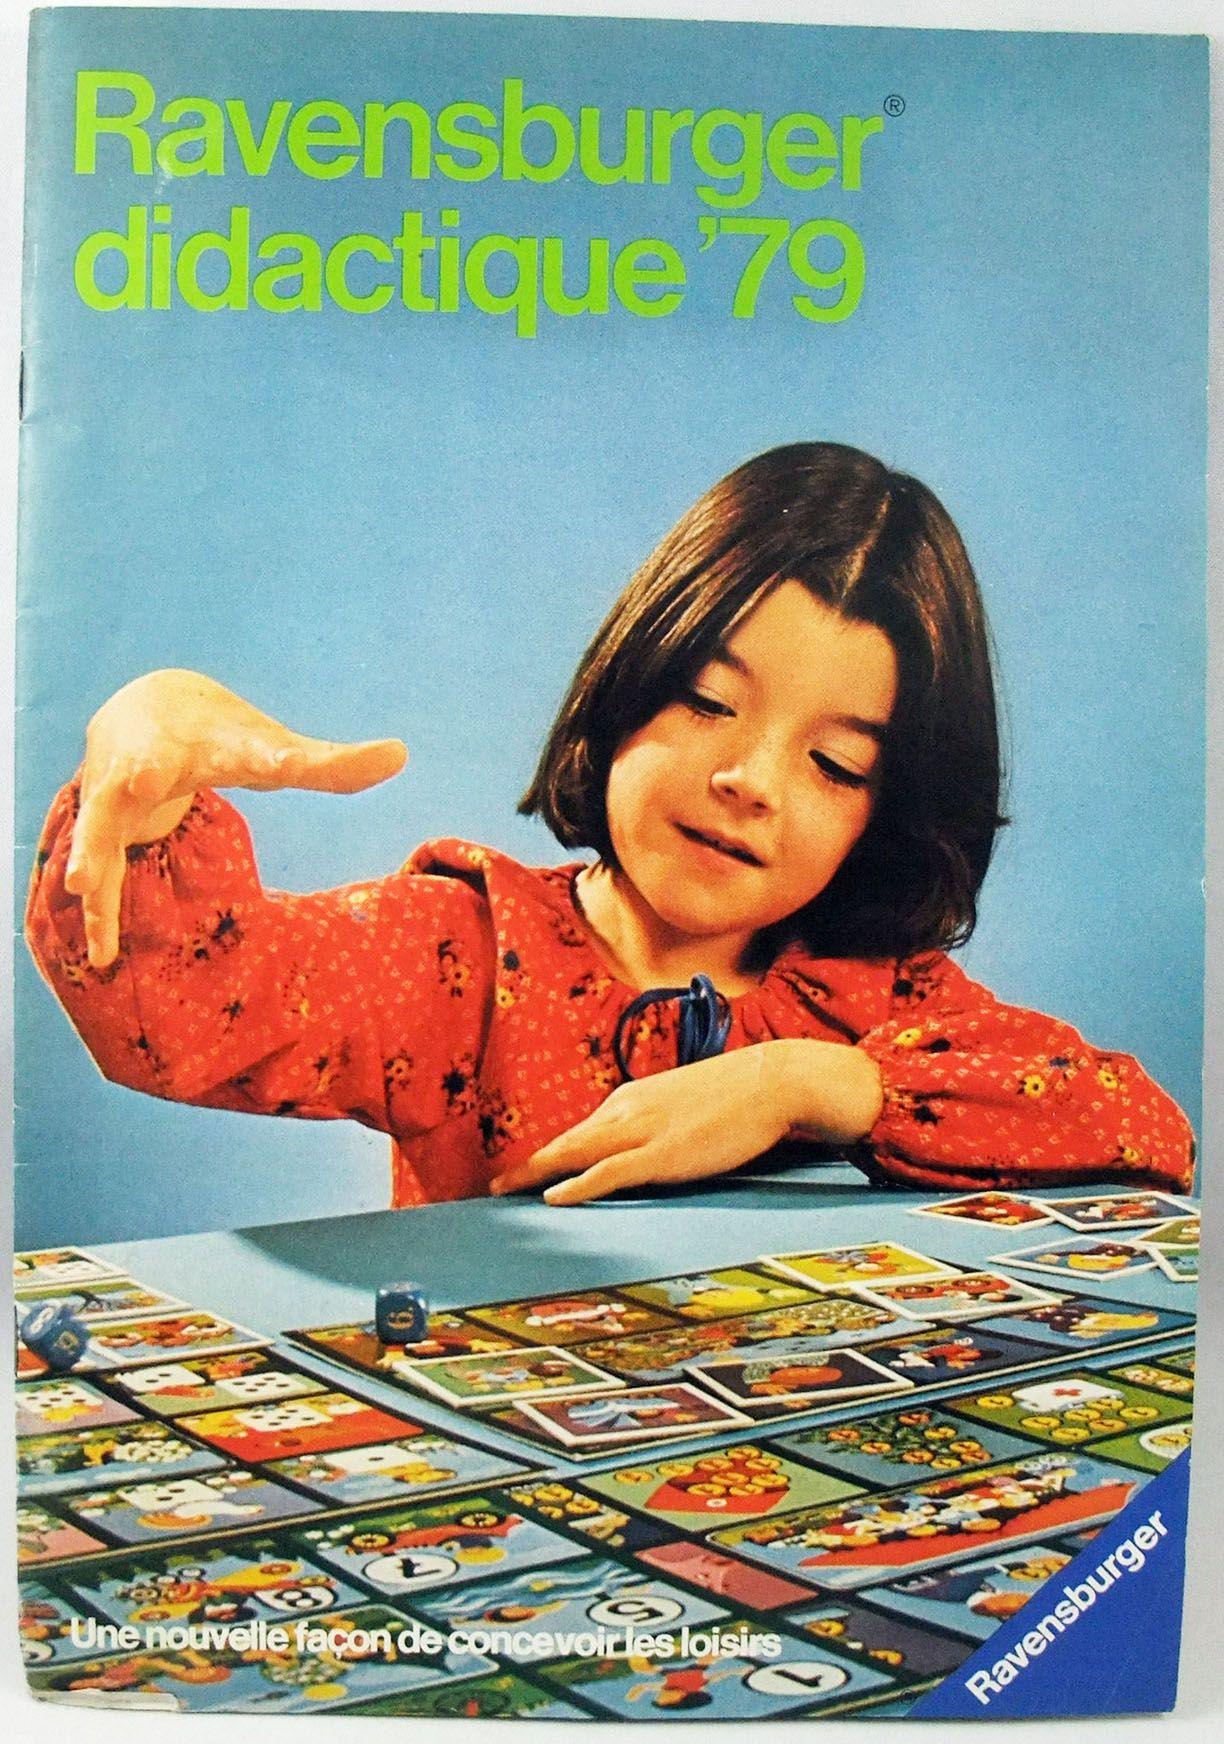 Catalogue professionnel Ravensburger didactique 1979